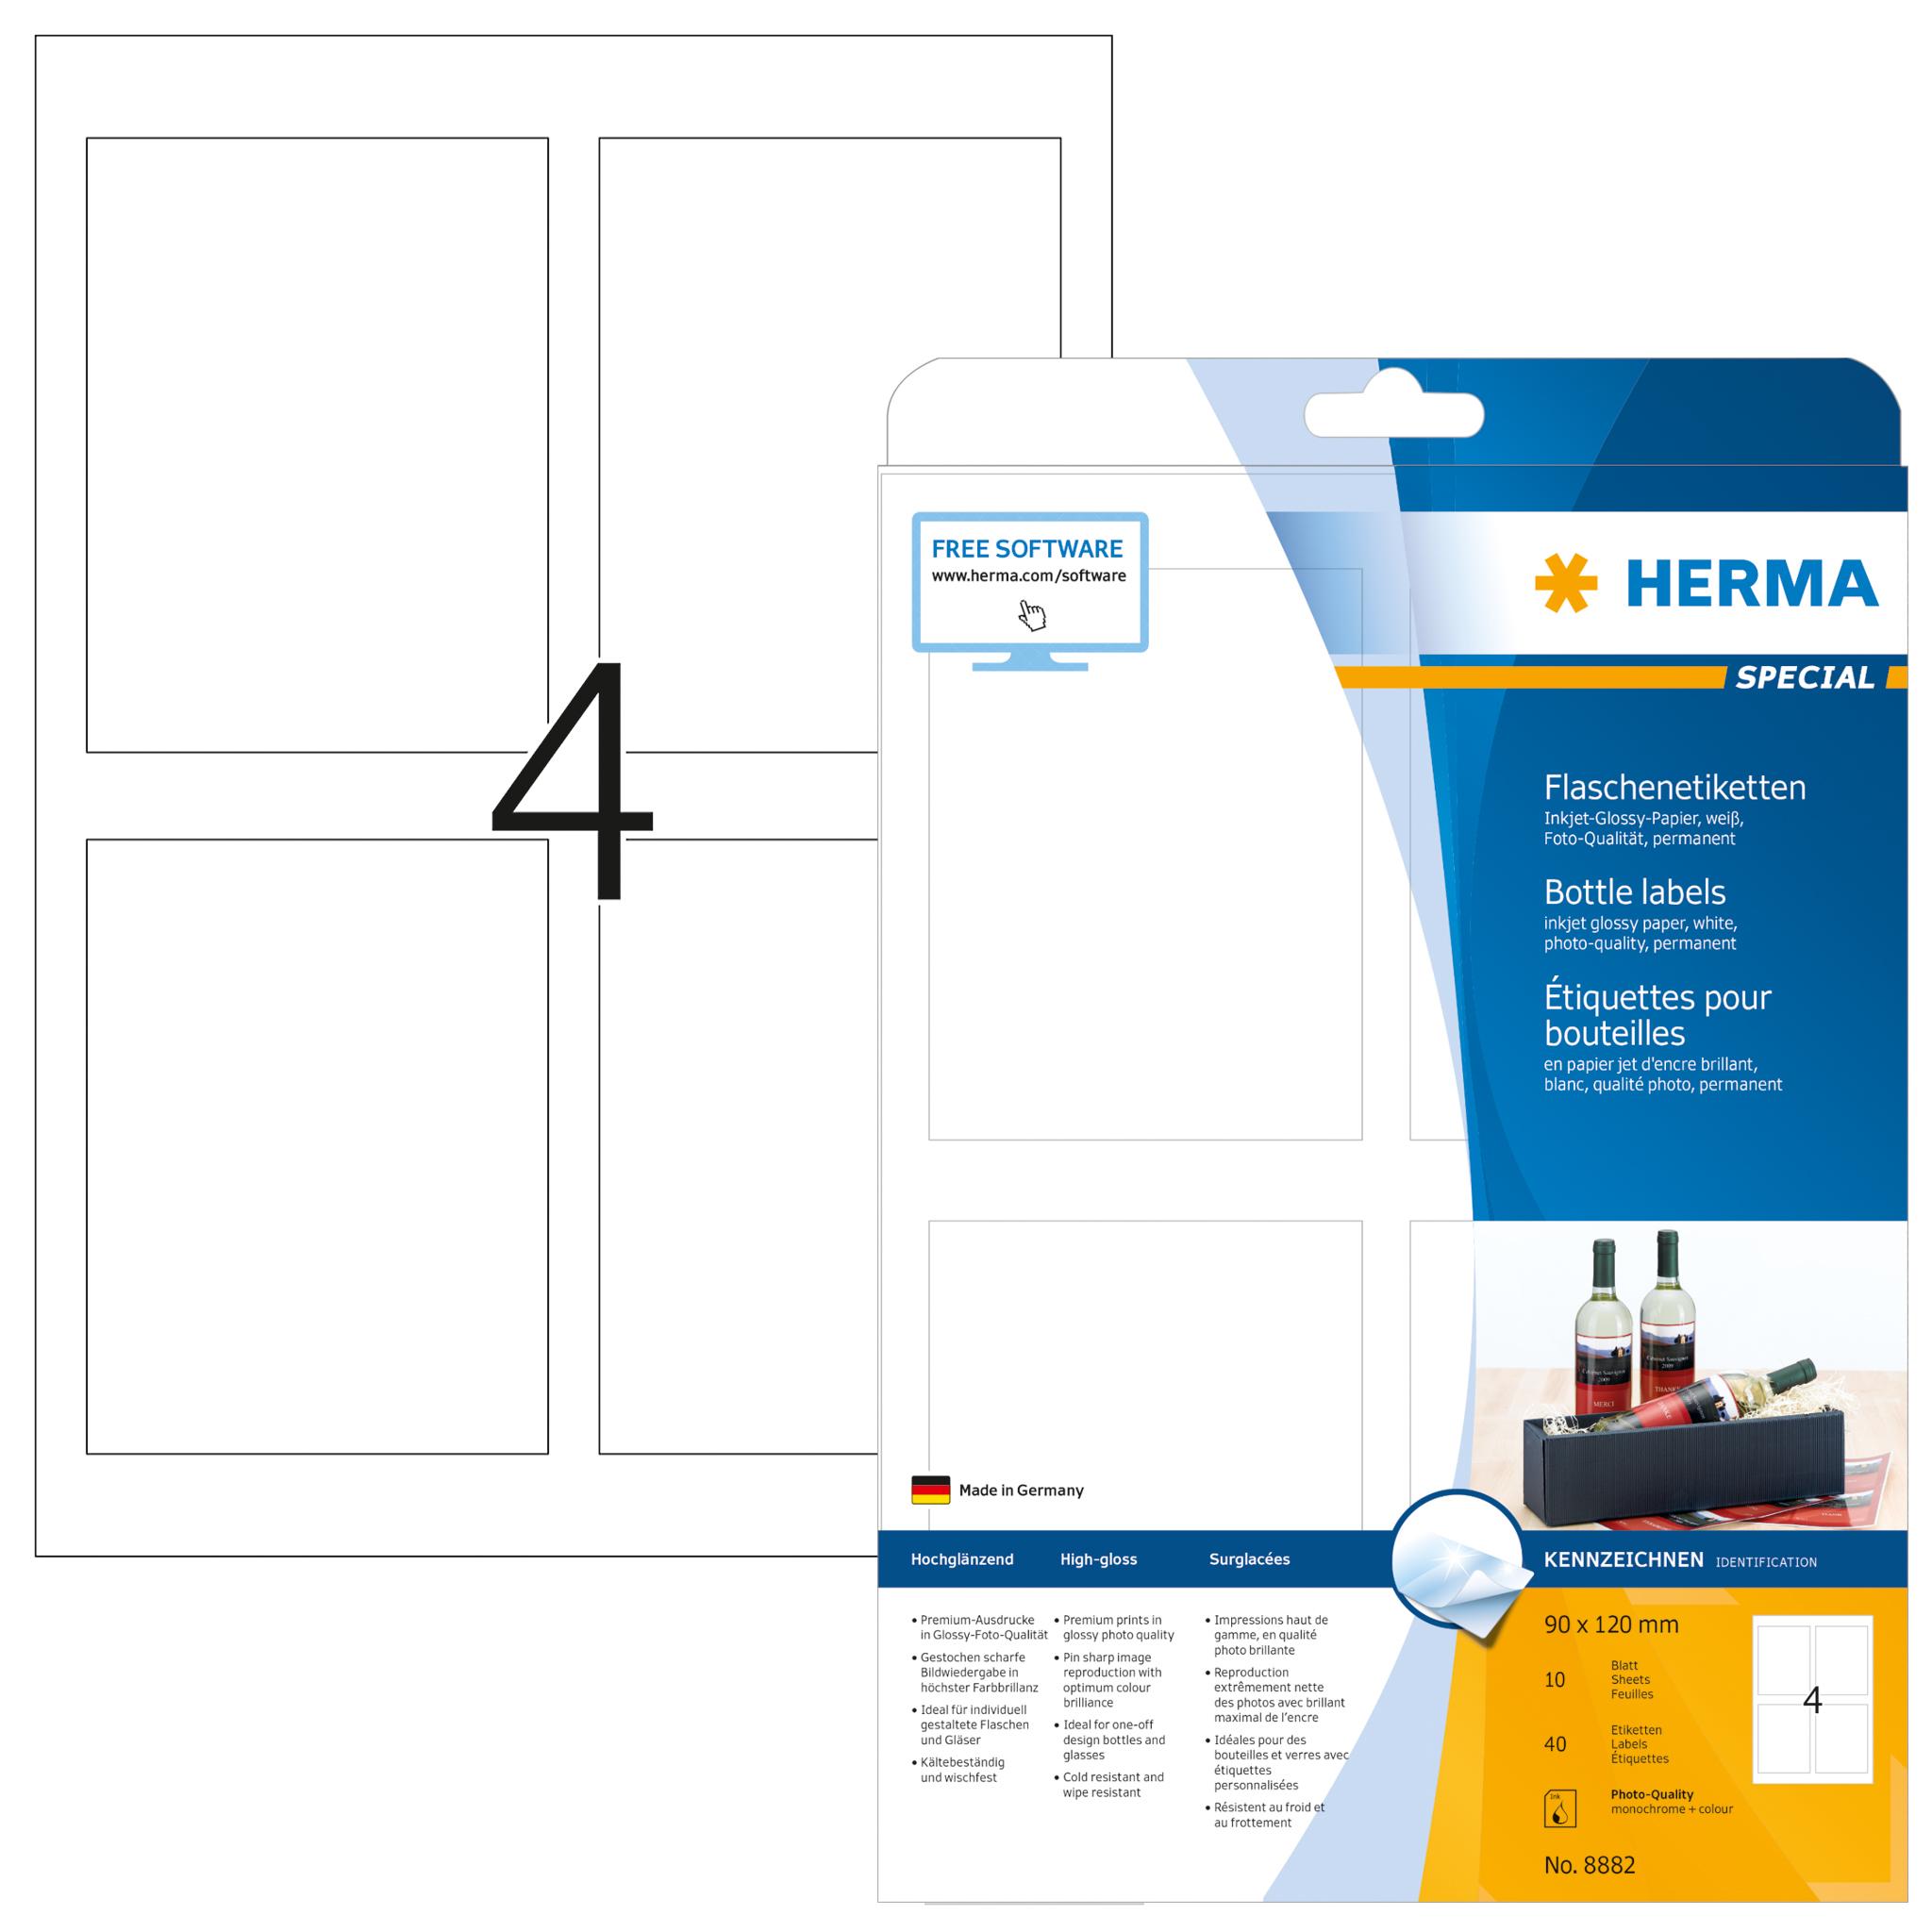 Flaschenetiketten A4 - HERMA 8882 - 90x120 mm 40 St.